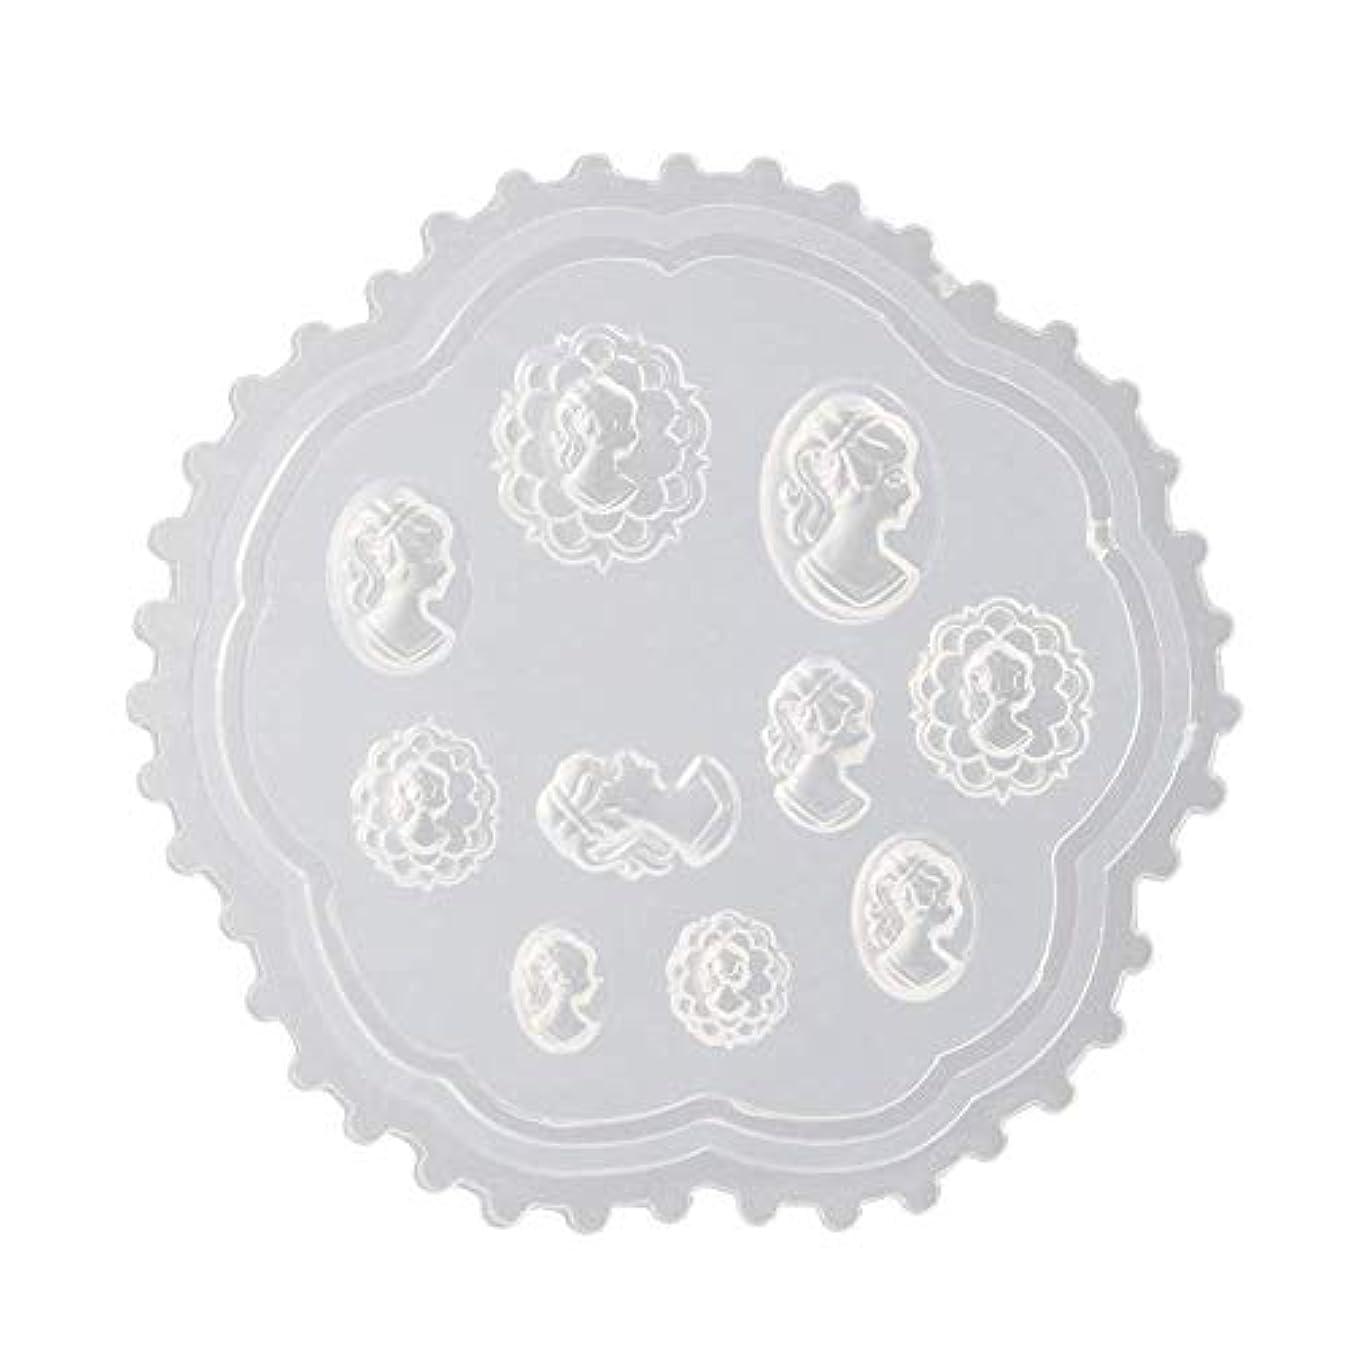 掘る発行の中でcoraly 3Dシリコンモールド ネイル 葉 花 抜き型 3Dネイル用 レジンモールド UVレジン ネイルパーツ ジェル ネイル セット アクセサリー パーツ 作成 (2)